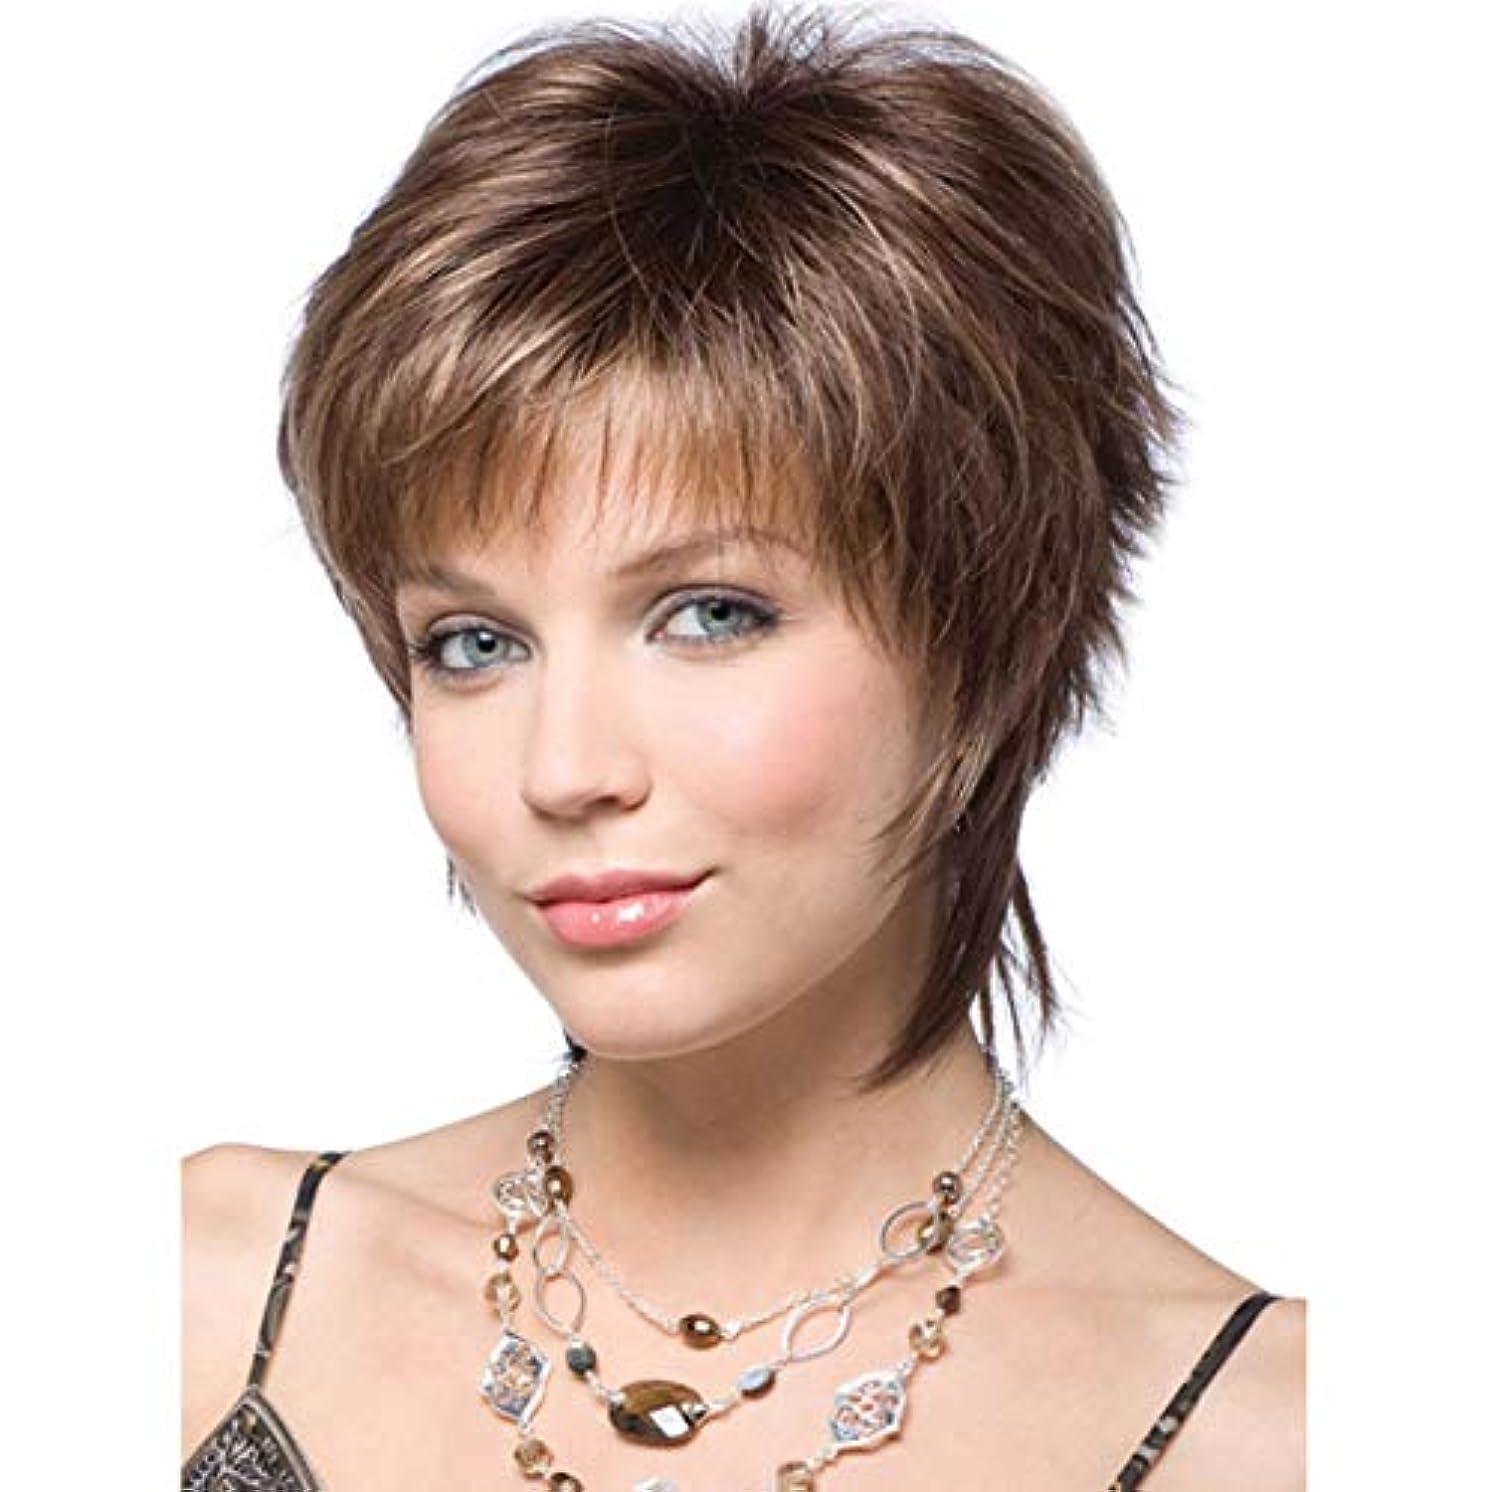 遅れフォルダ父方のIntercoreyレディ女性ショートウェーブ合成金髪ショートウィッグ女性の髪のコスプレフルウィッグ